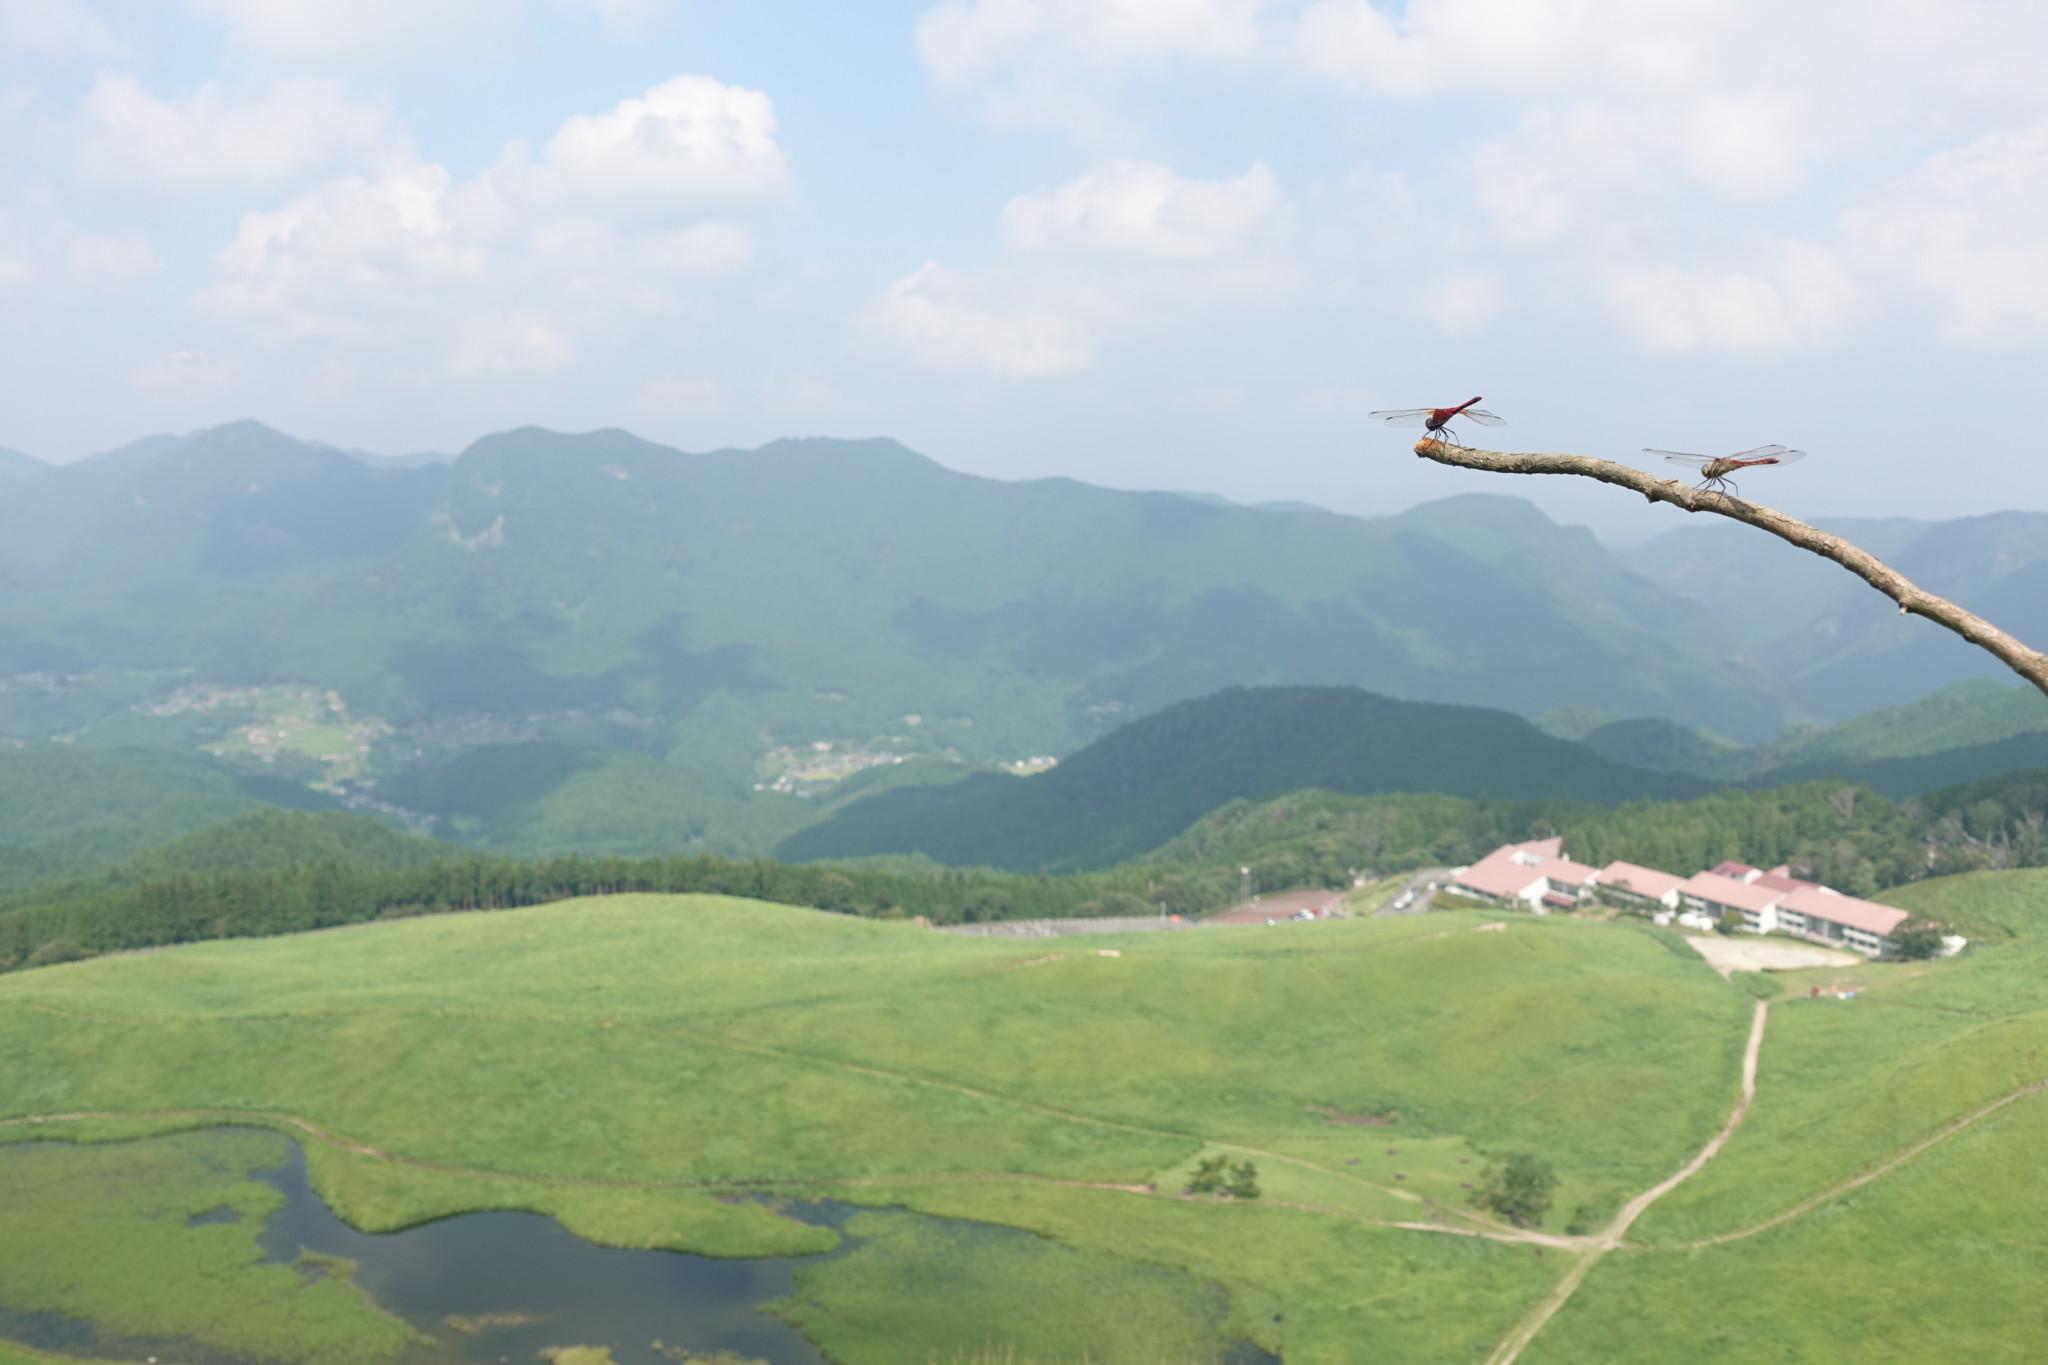 高原 キャンプ 場 曽爾